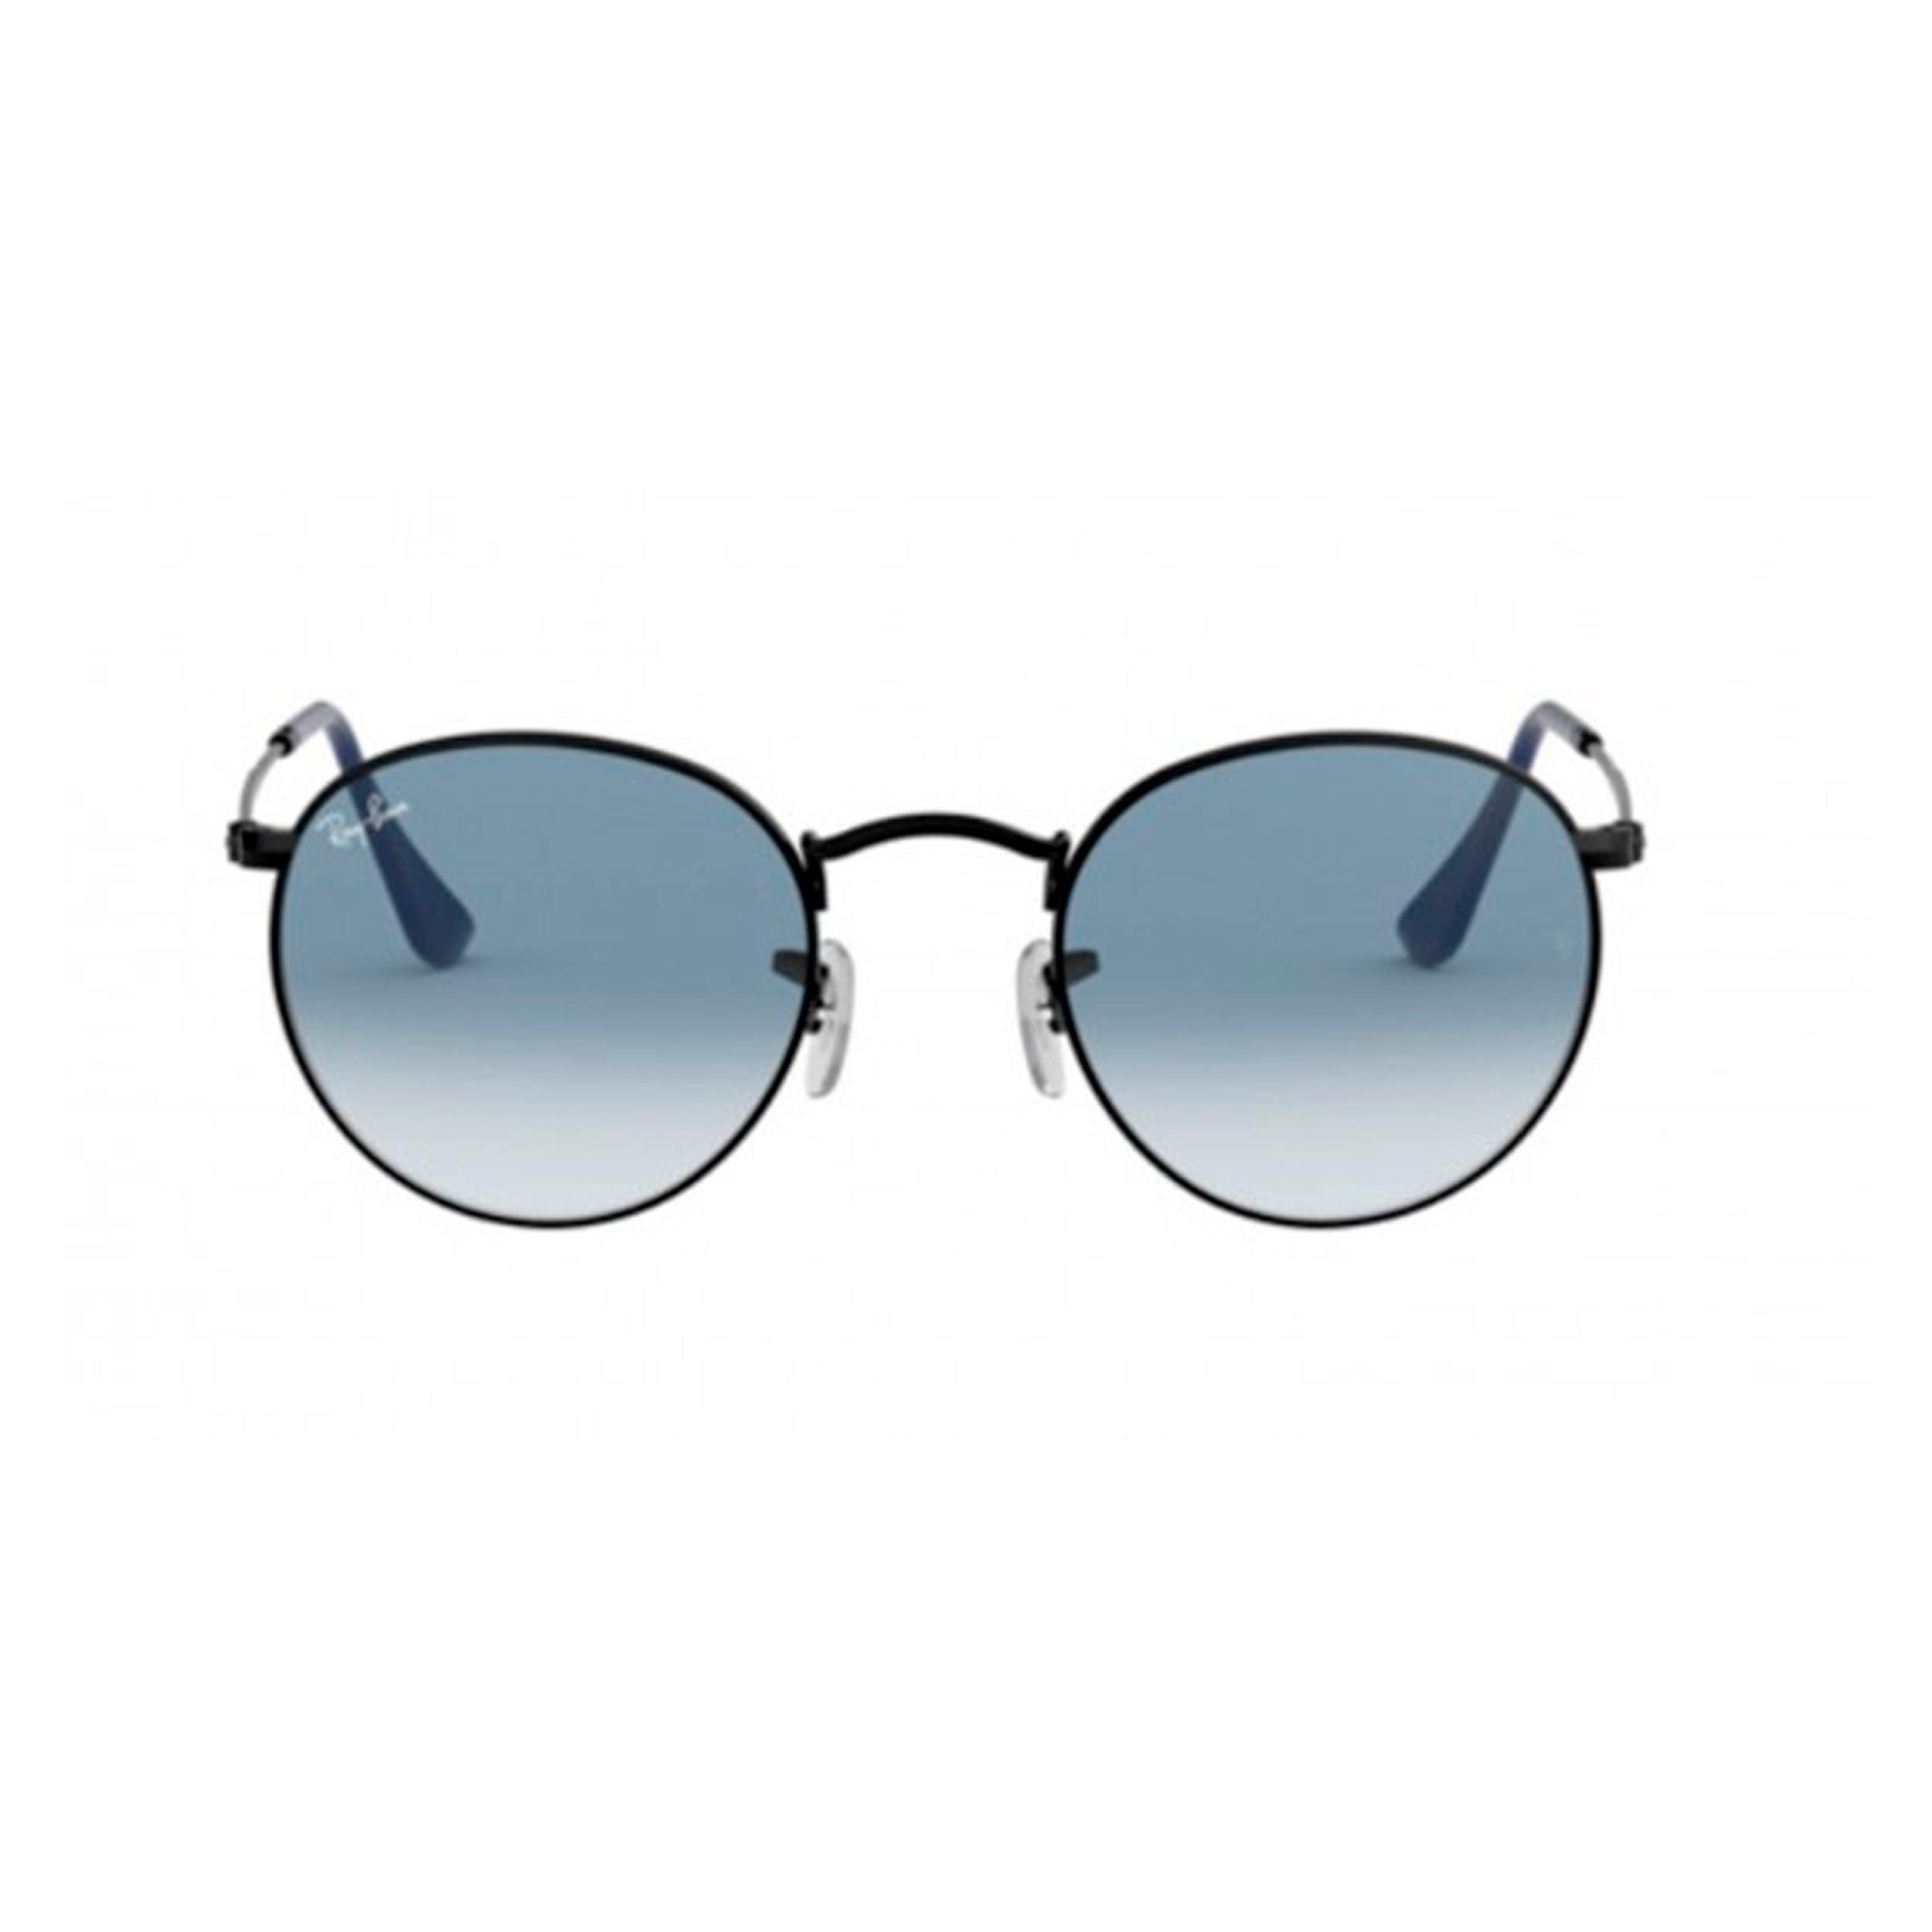 عینک آفتابی ری بن مدل 3447-006/3F-50